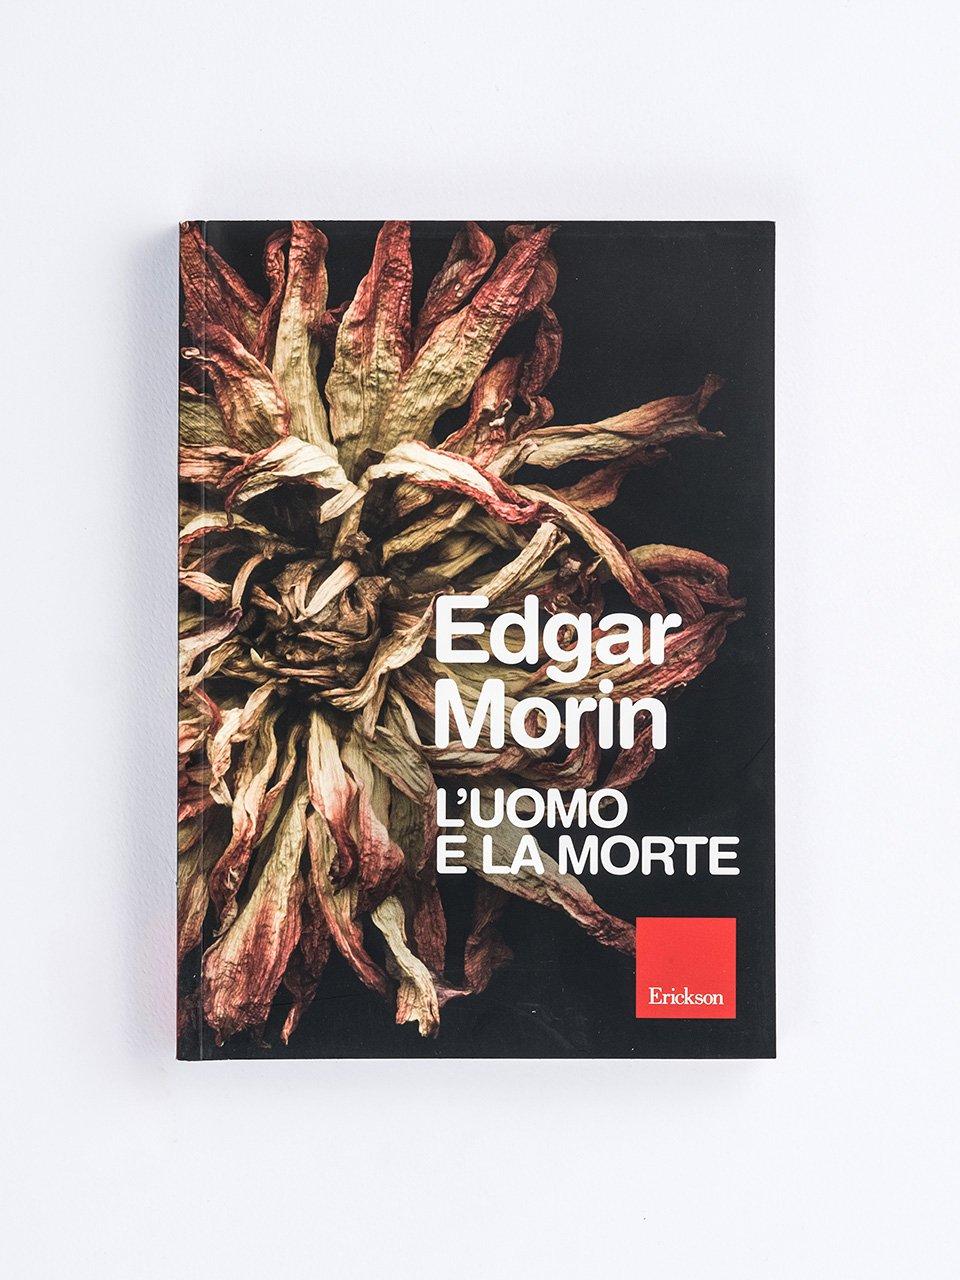 L'uomo e la morte - Superare il lutto - Libri - Erickson